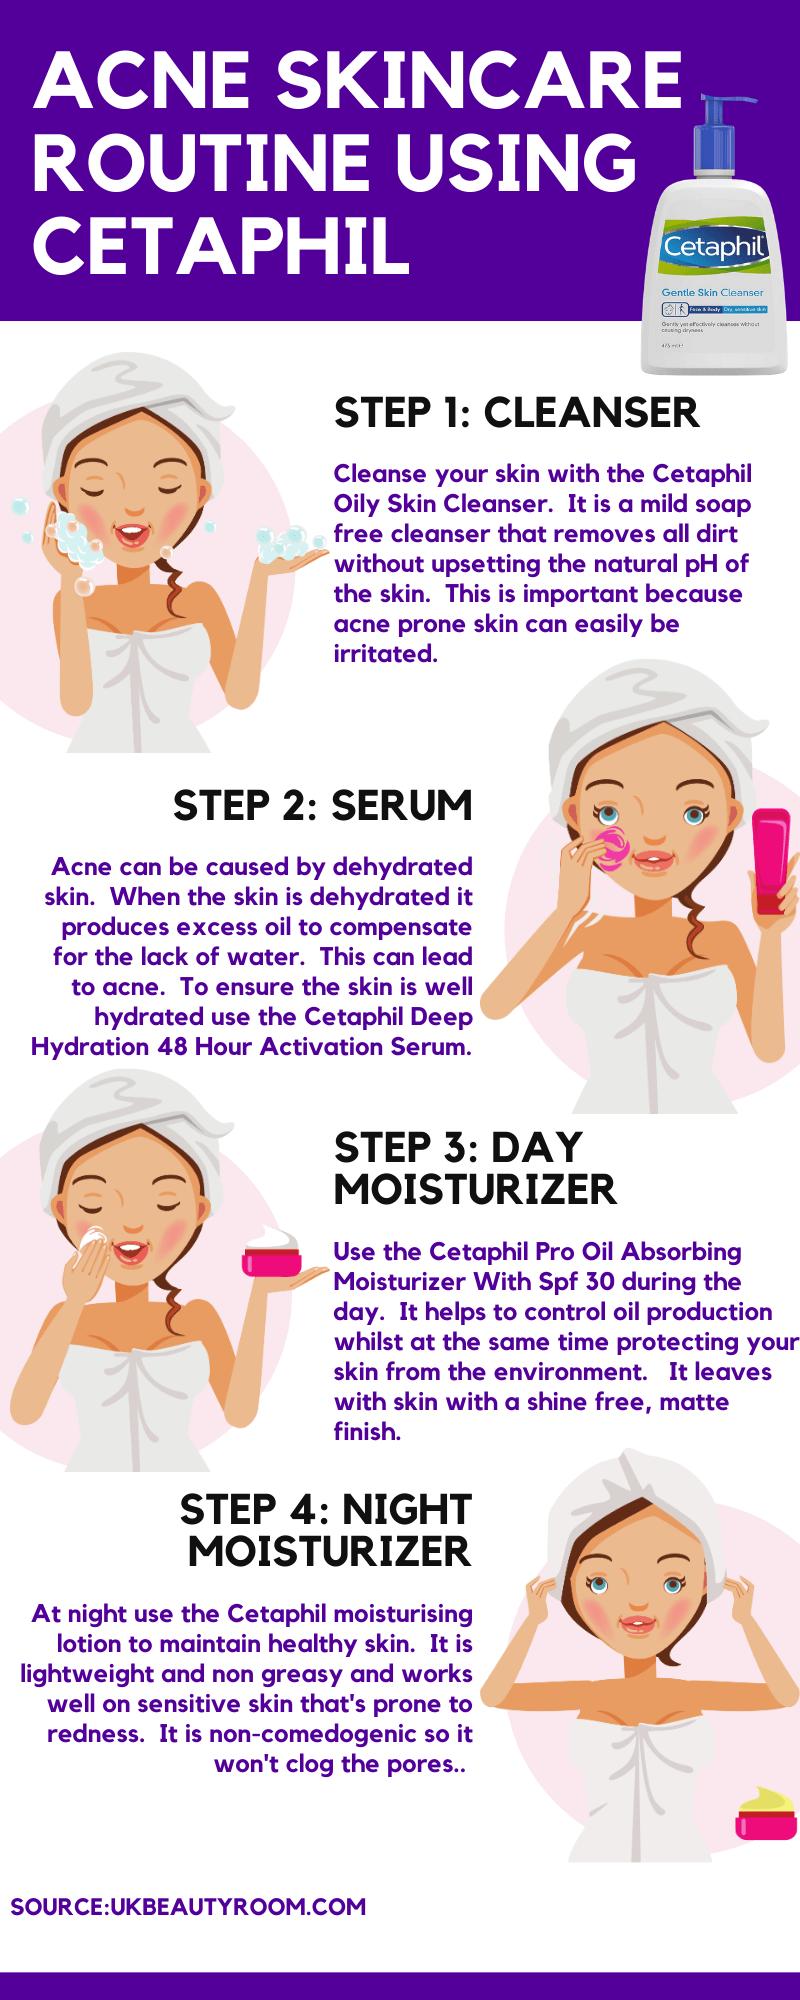 cetaphil sainsburys, cetaphil cream for acne, acne meme, cetraben ingredients list